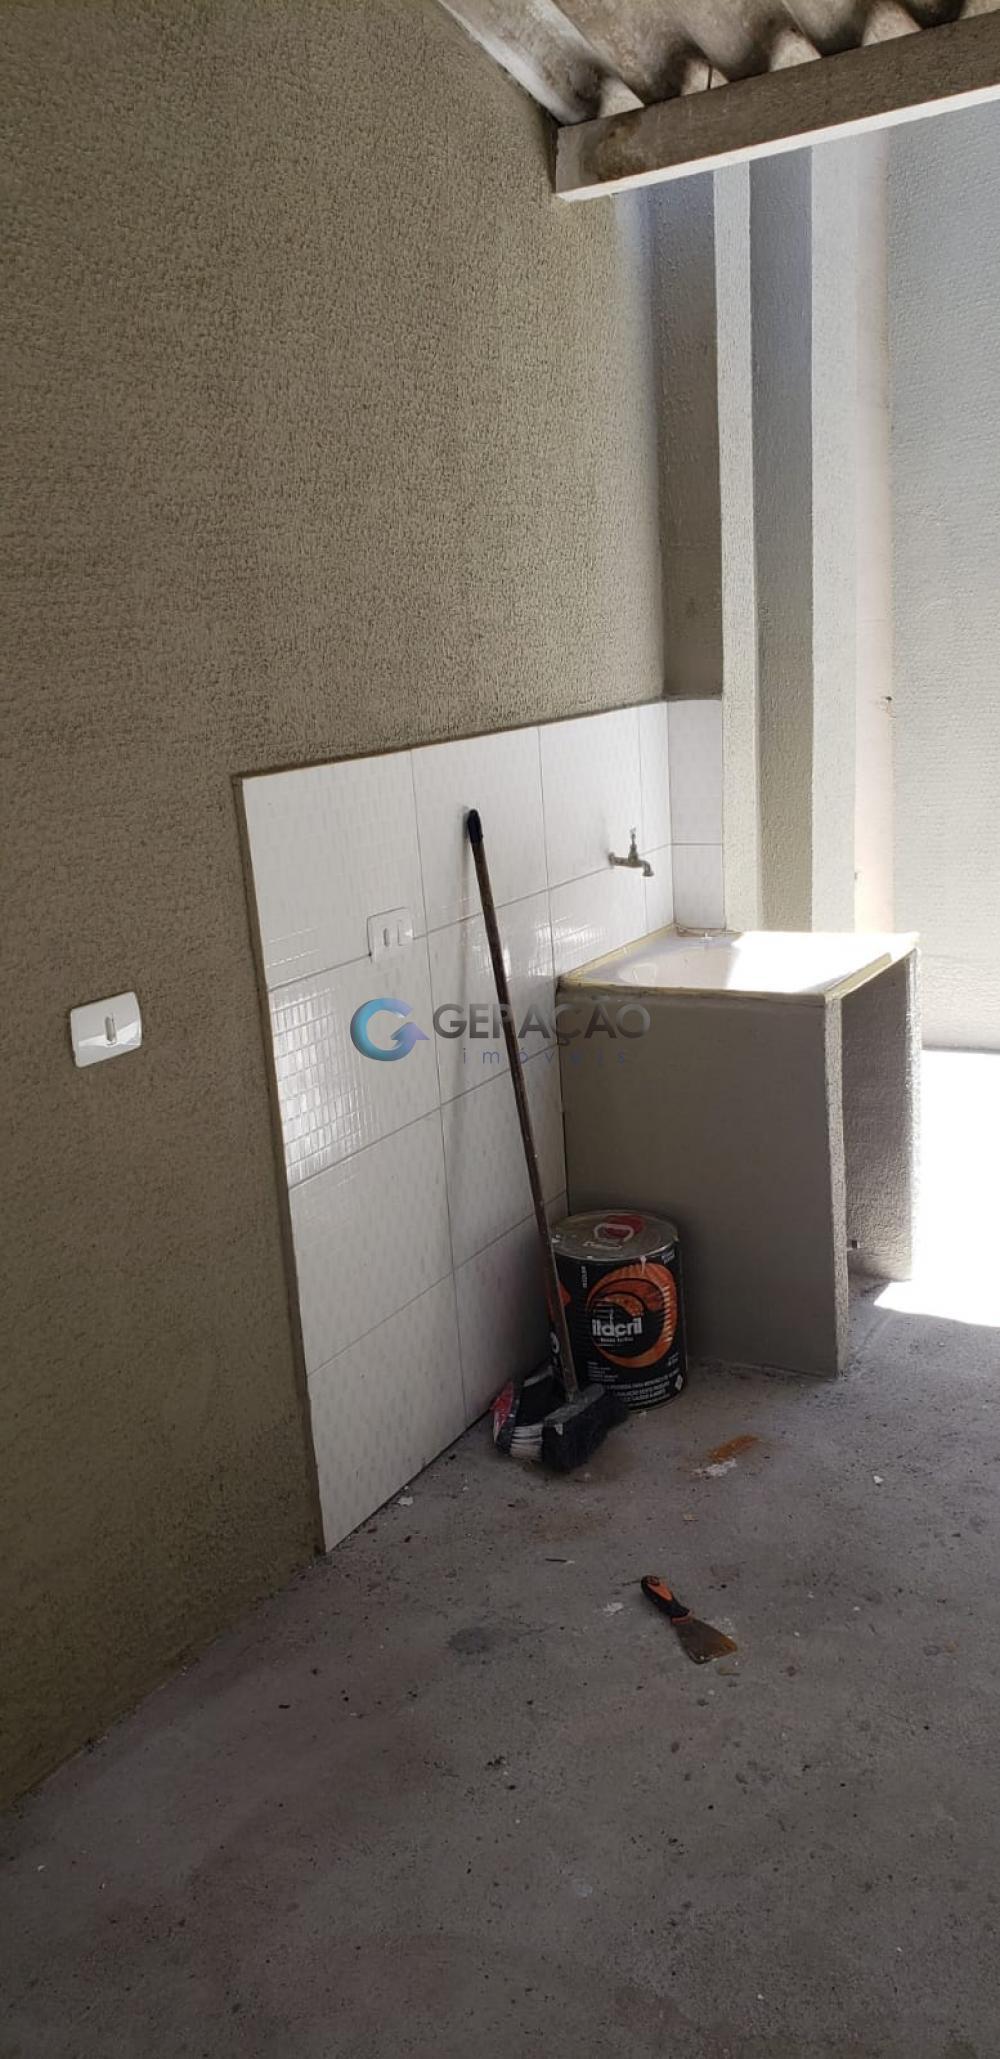 Comprar Comercial / Prédio em São José dos Campos R$ 1.350.000,00 - Foto 20